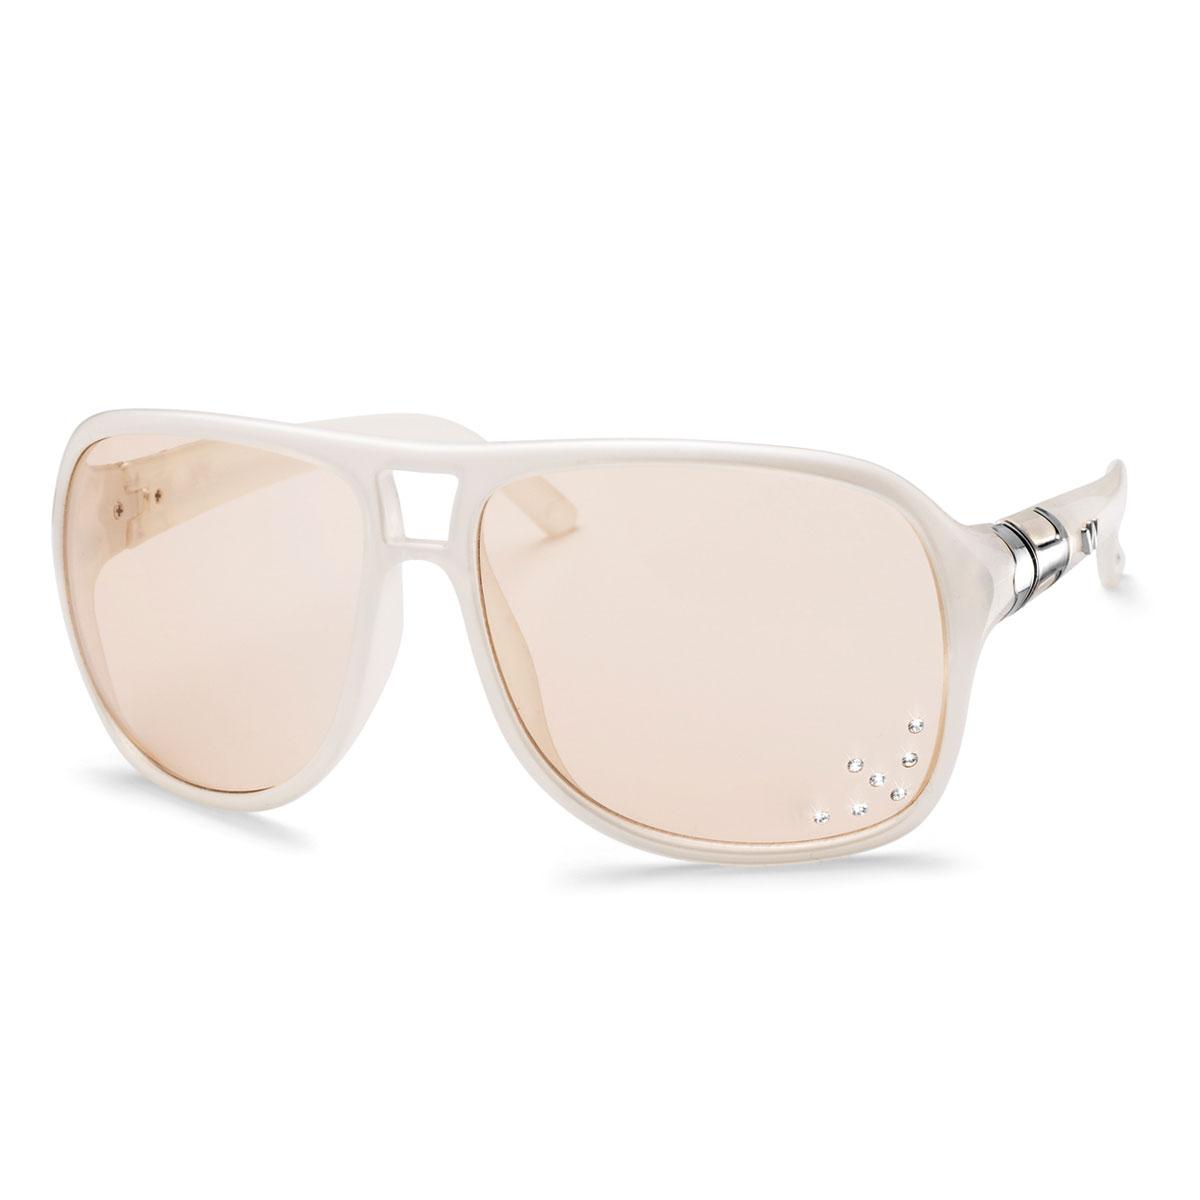 عینک آفتابی مدل آلاباما سفید